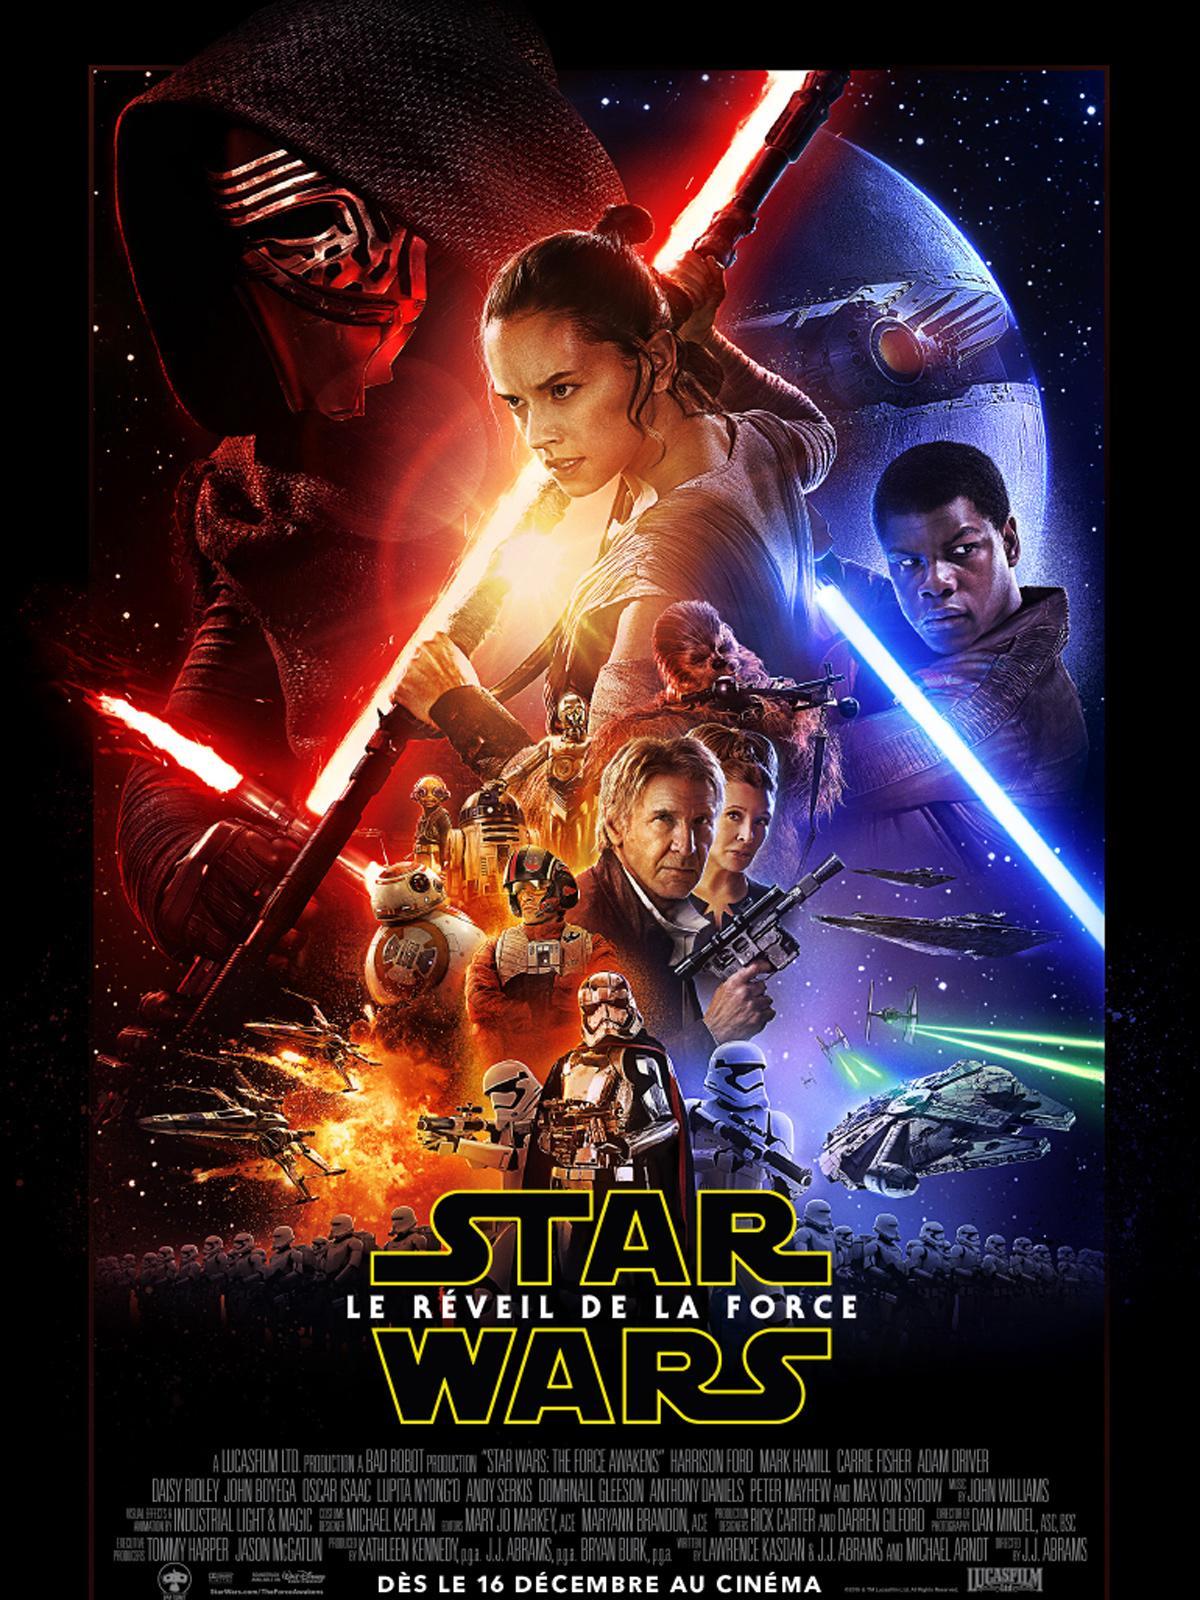 Sélection d'activités et animations gratuites - Ex : projection du film Star Wars : Le Réveil de la Force